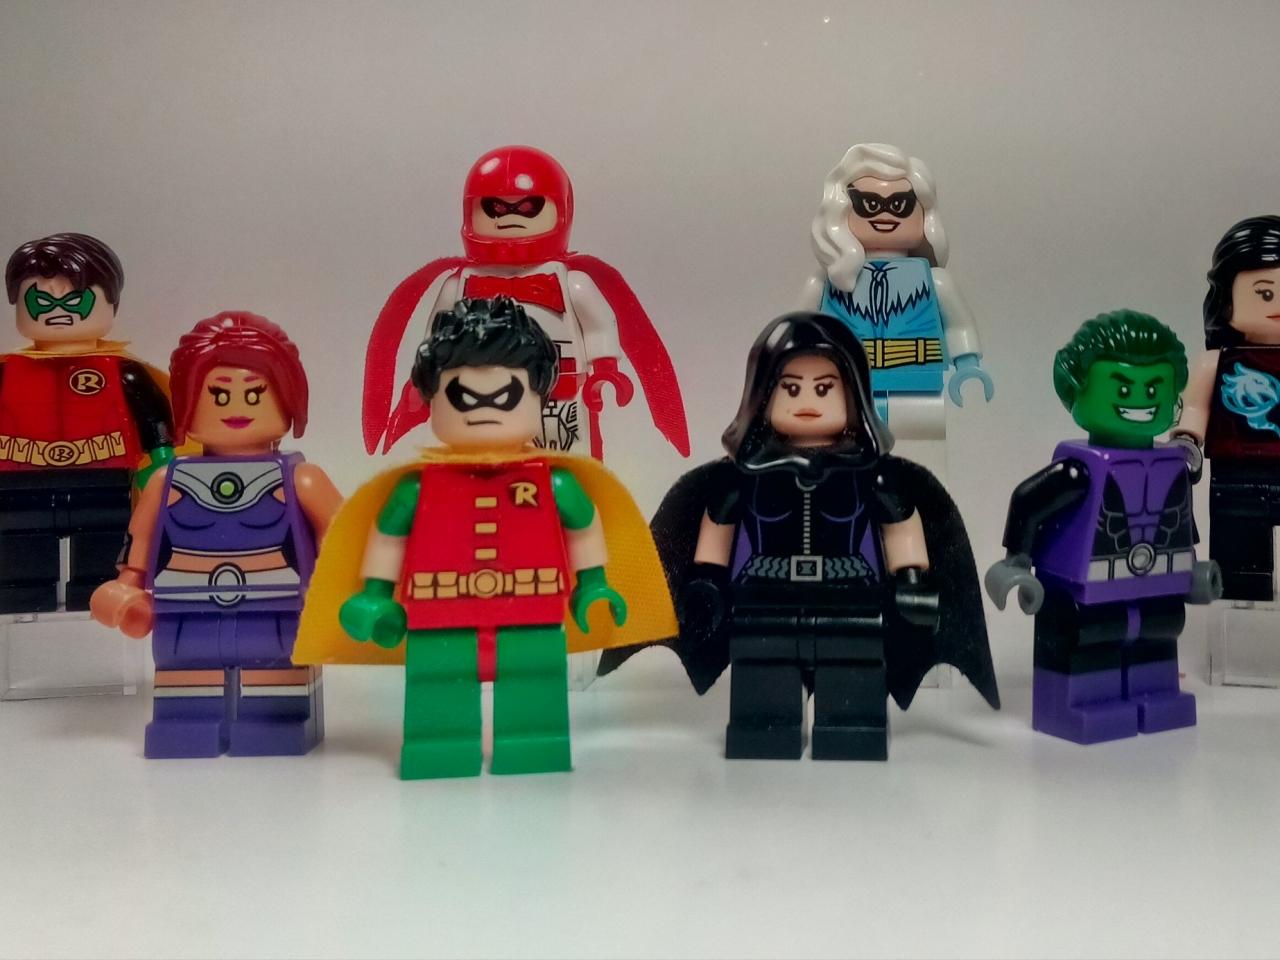 Muñecos de lego de super héroes - 1280x960